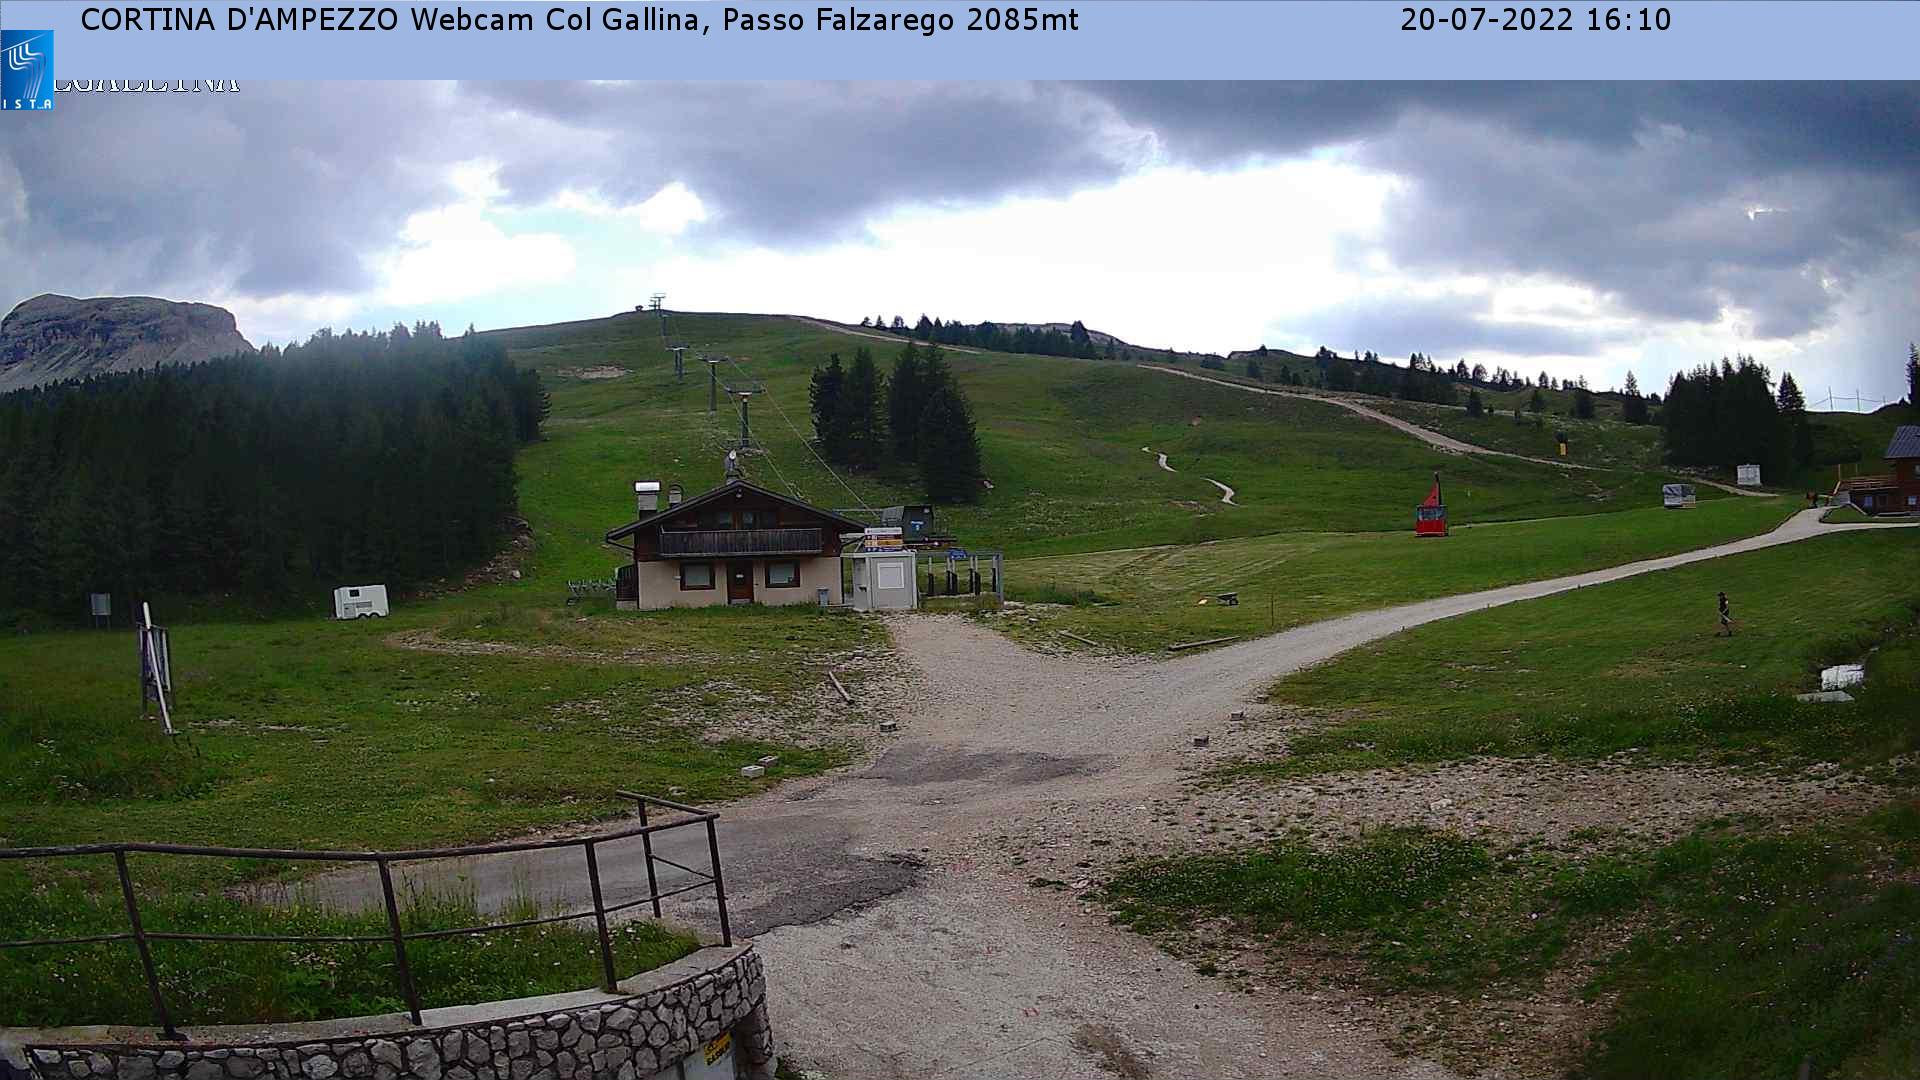 Webcam en Col Gallina, Cortina d'Ampezzo (Alpes Italianos)